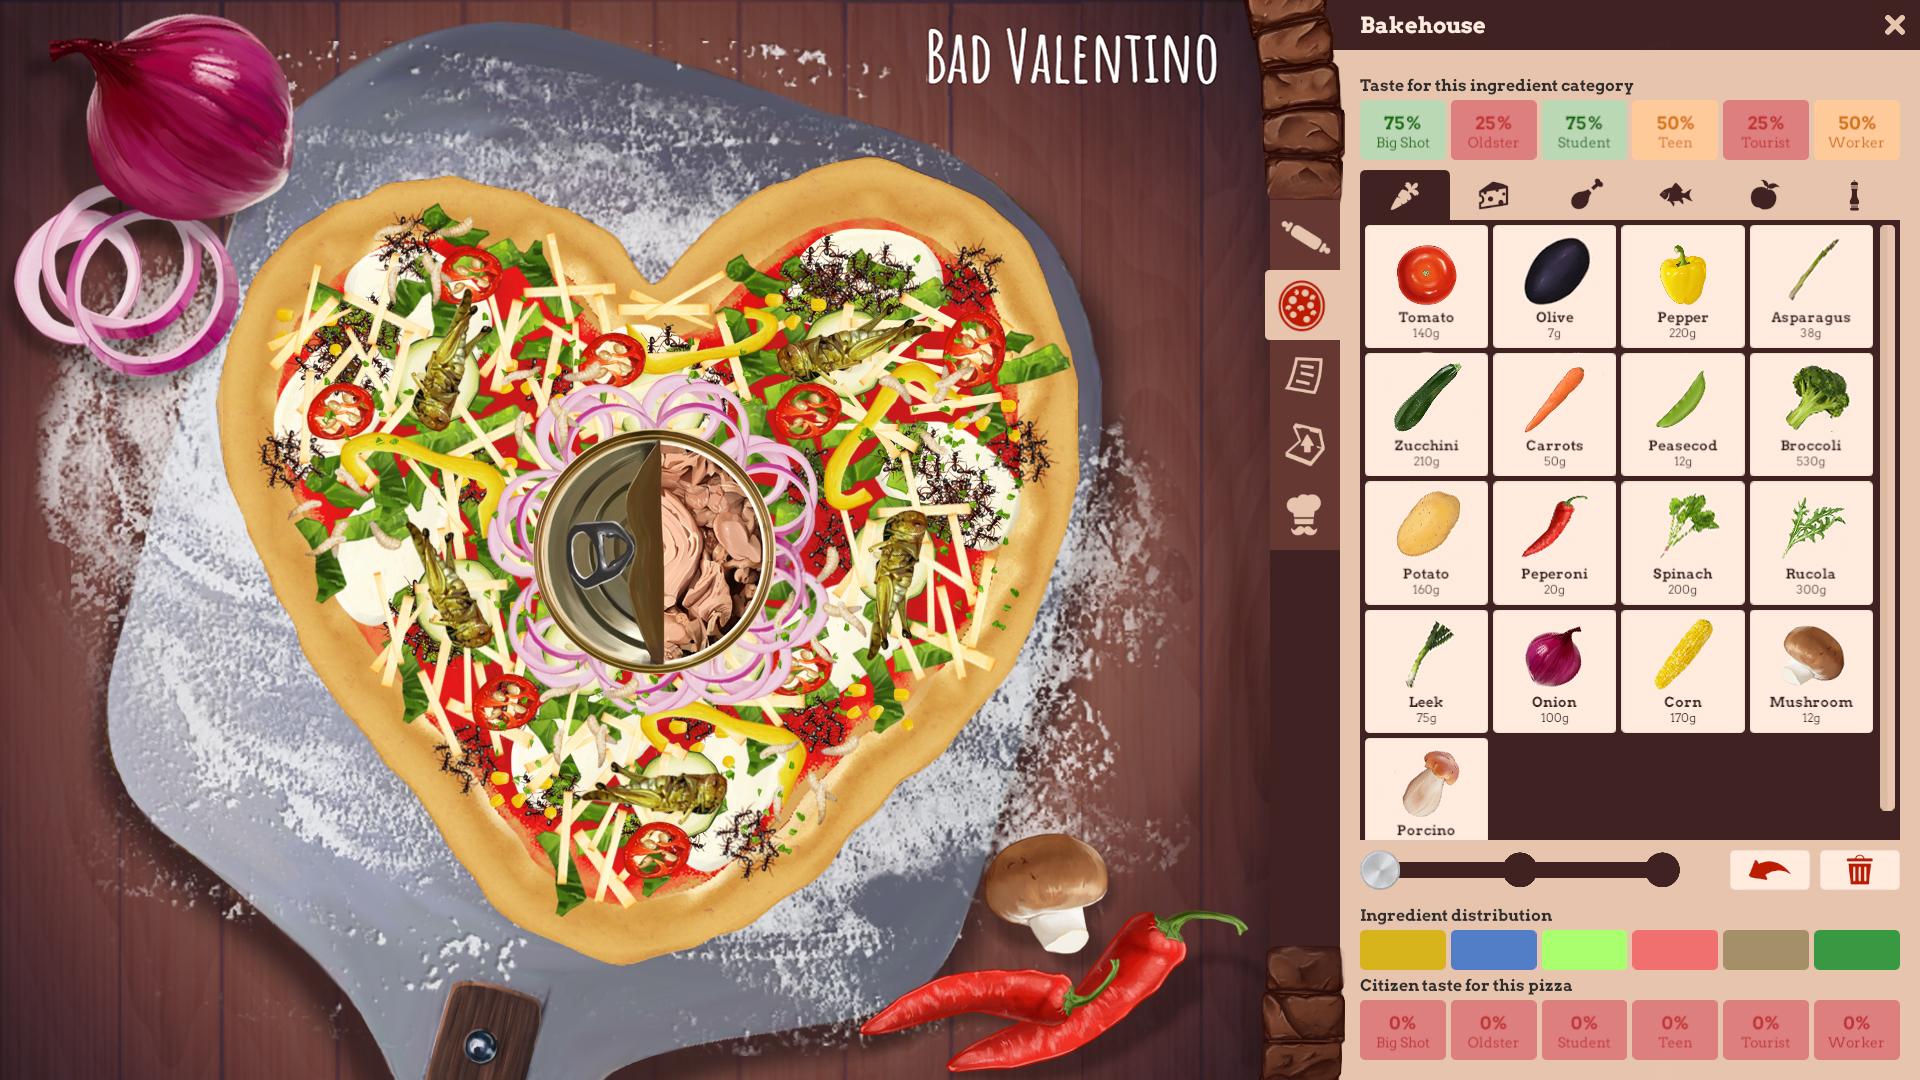 Wirtschaftssimulation: Aufbau-Alternativen zu Anno 1800 - Pizza Connection 3 (Bild: Assemble Entertainment)